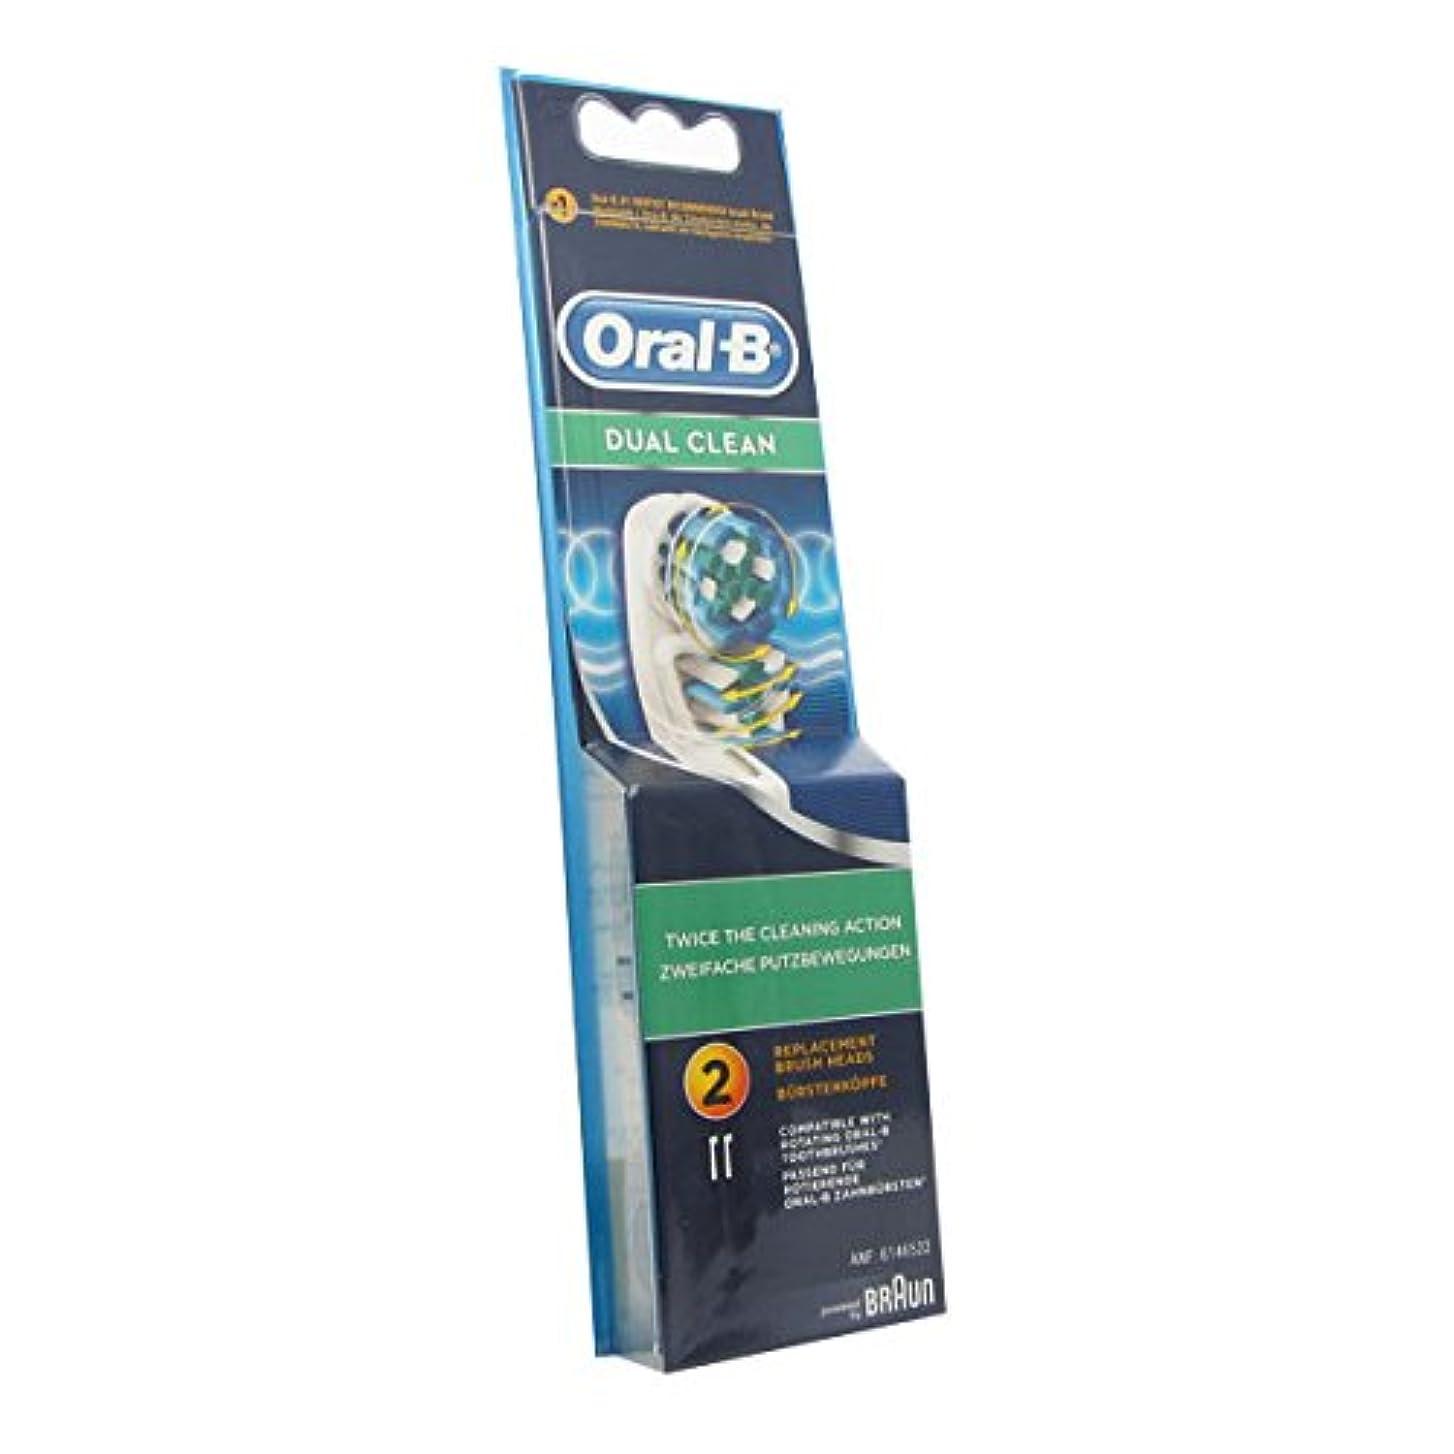 入る委員会スパークOral B Dual Clean Replacement Brush X2 [並行輸入品]